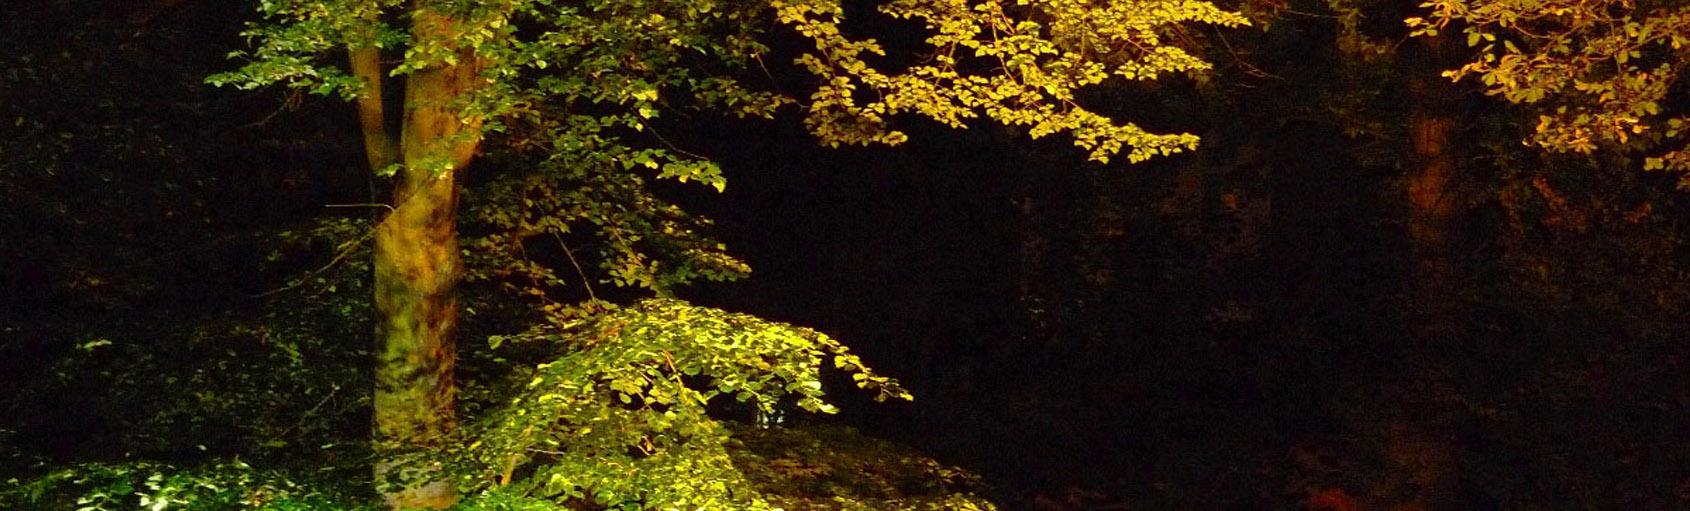 סדנת נוף לילה.jpg